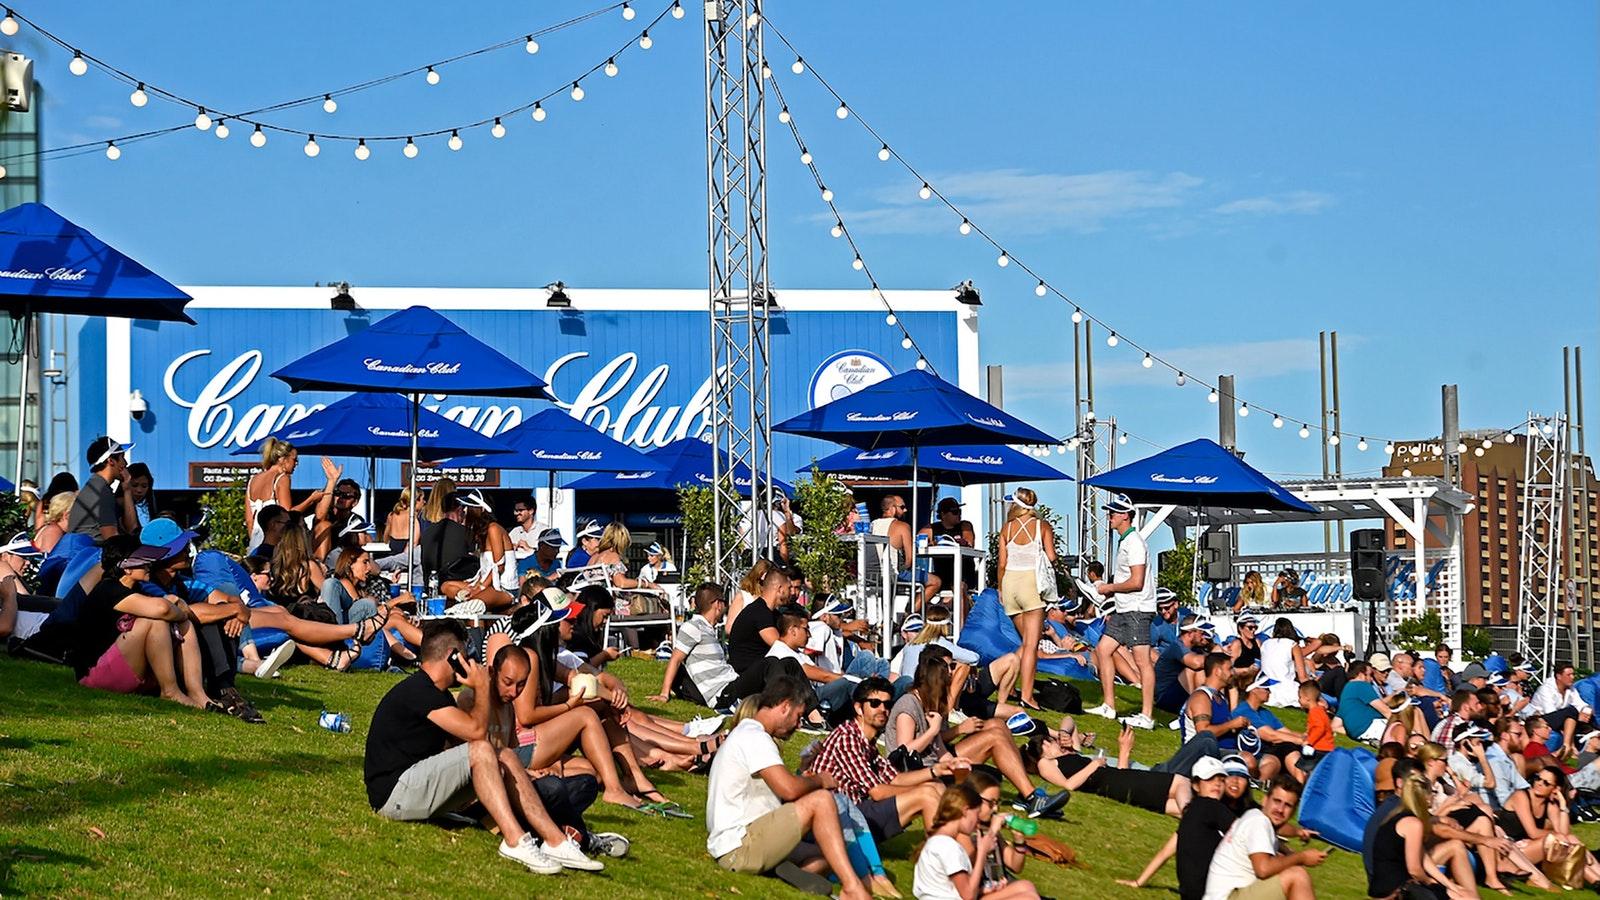 Gain free entry to the AO Festival along Melbourne's Birrarung Marr